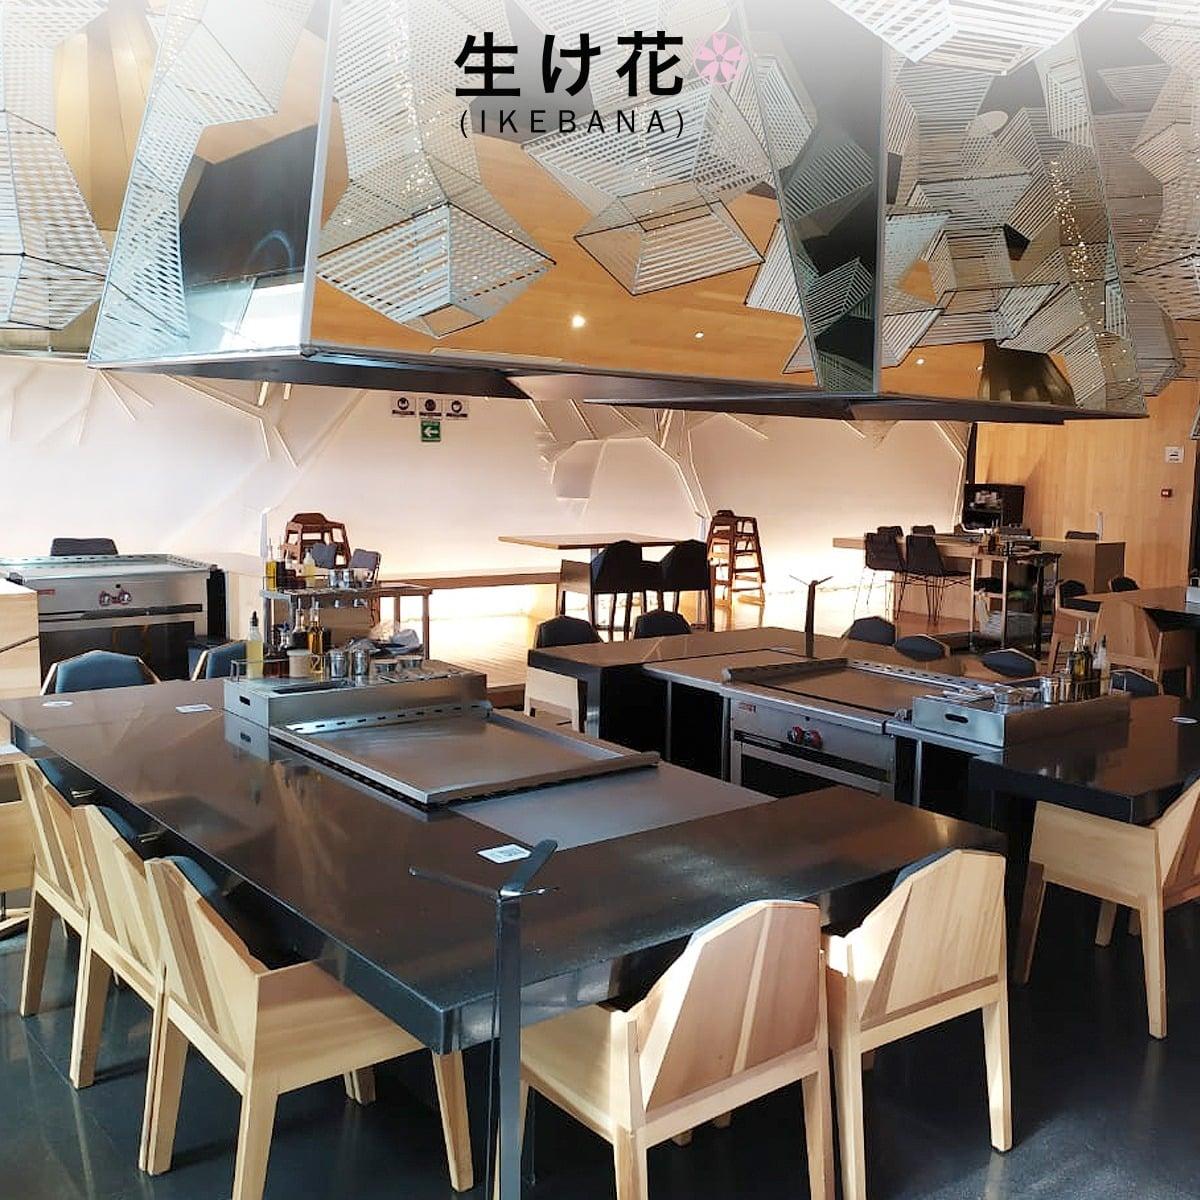 Ikebana Teppan restaurante en Querétaro